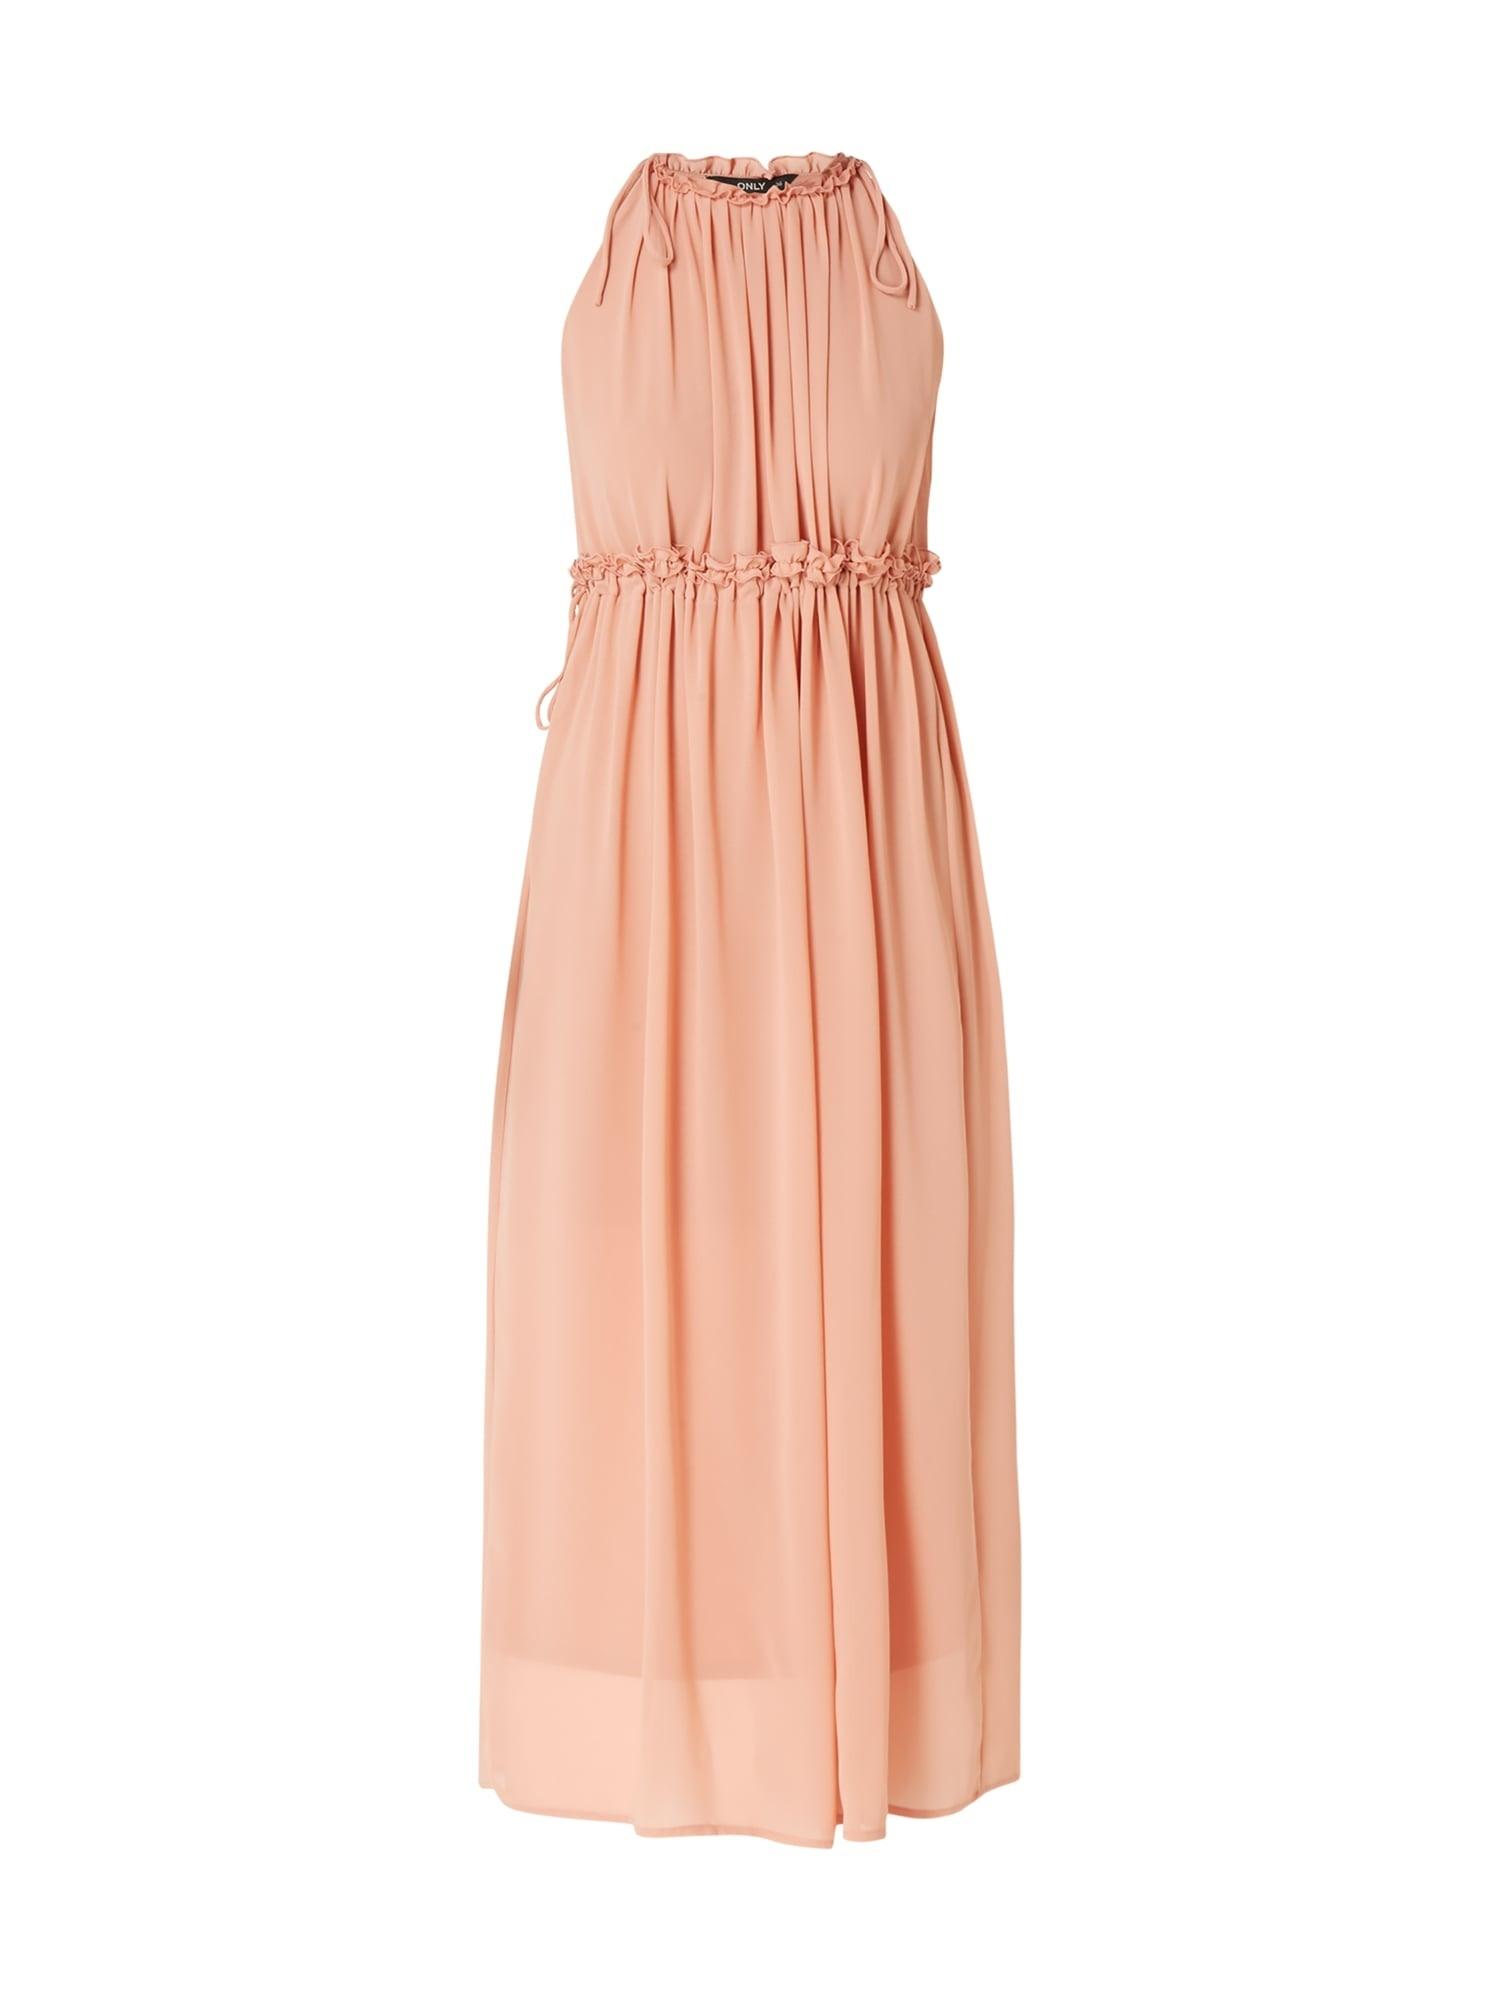 Luxurius Kleid Rose Lang Stylish13 Einfach Kleid Rose Lang für 2019